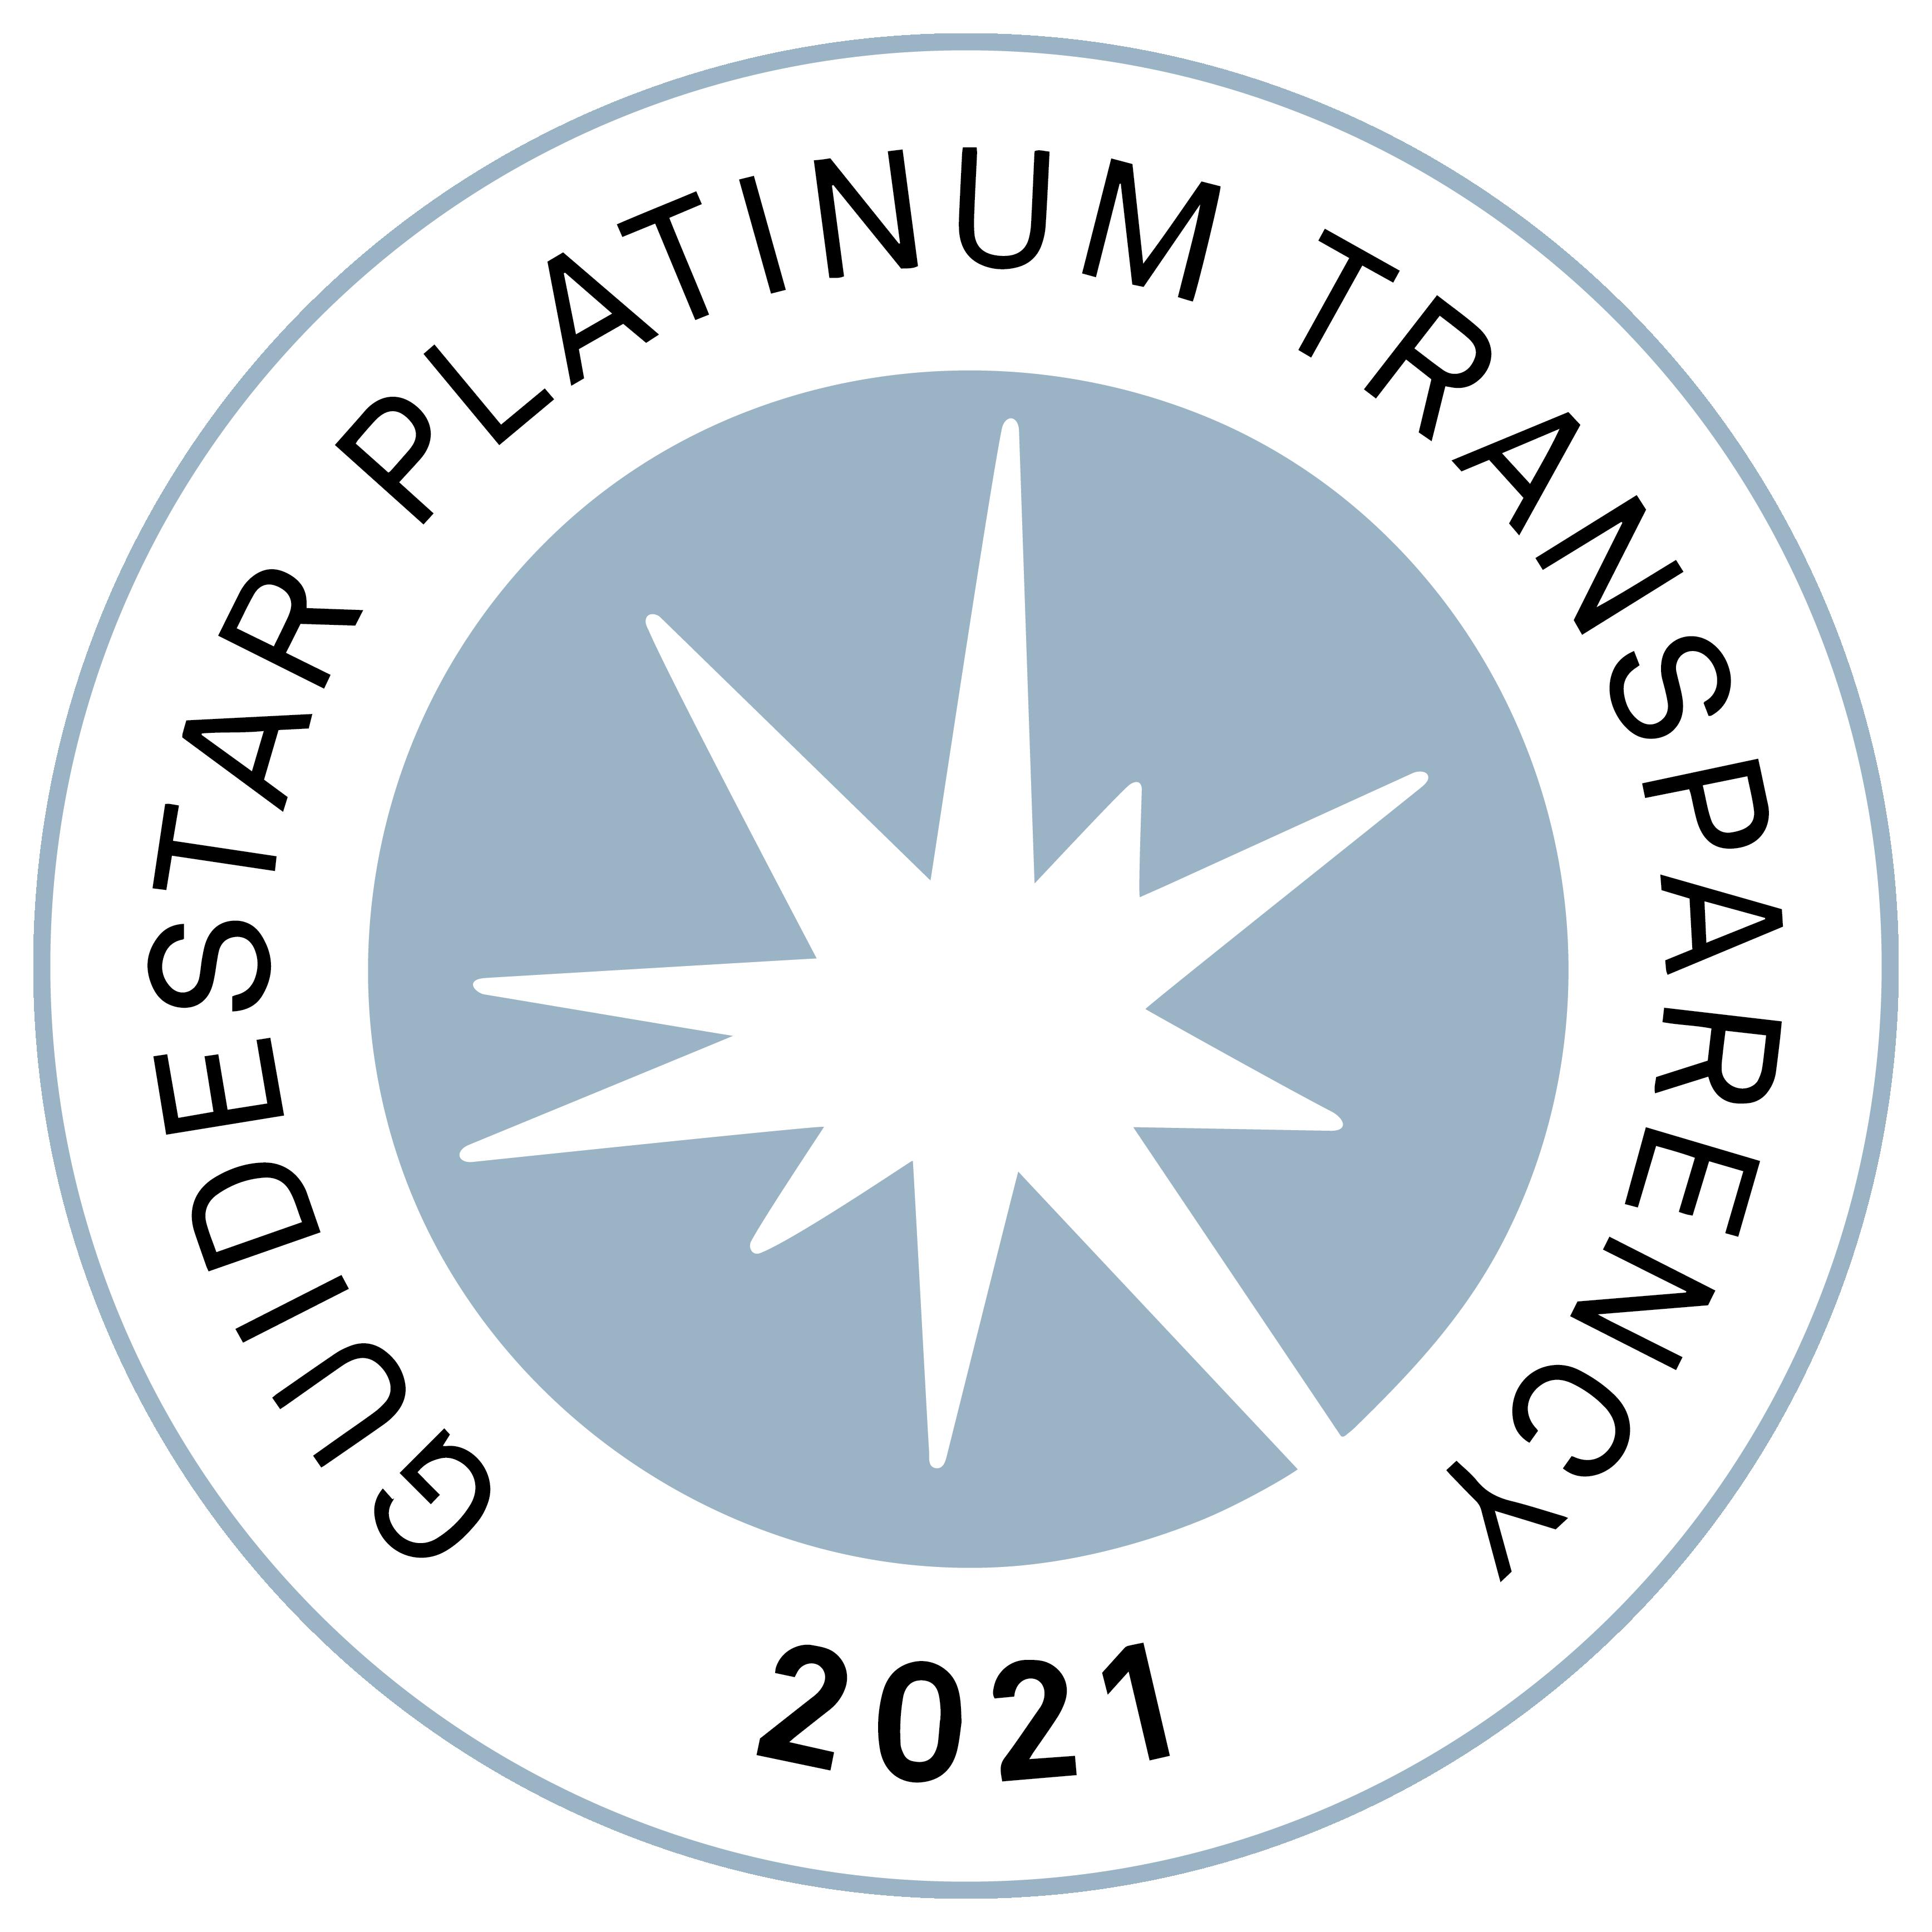 Guidestart Platinum Transparency 2021 Seal